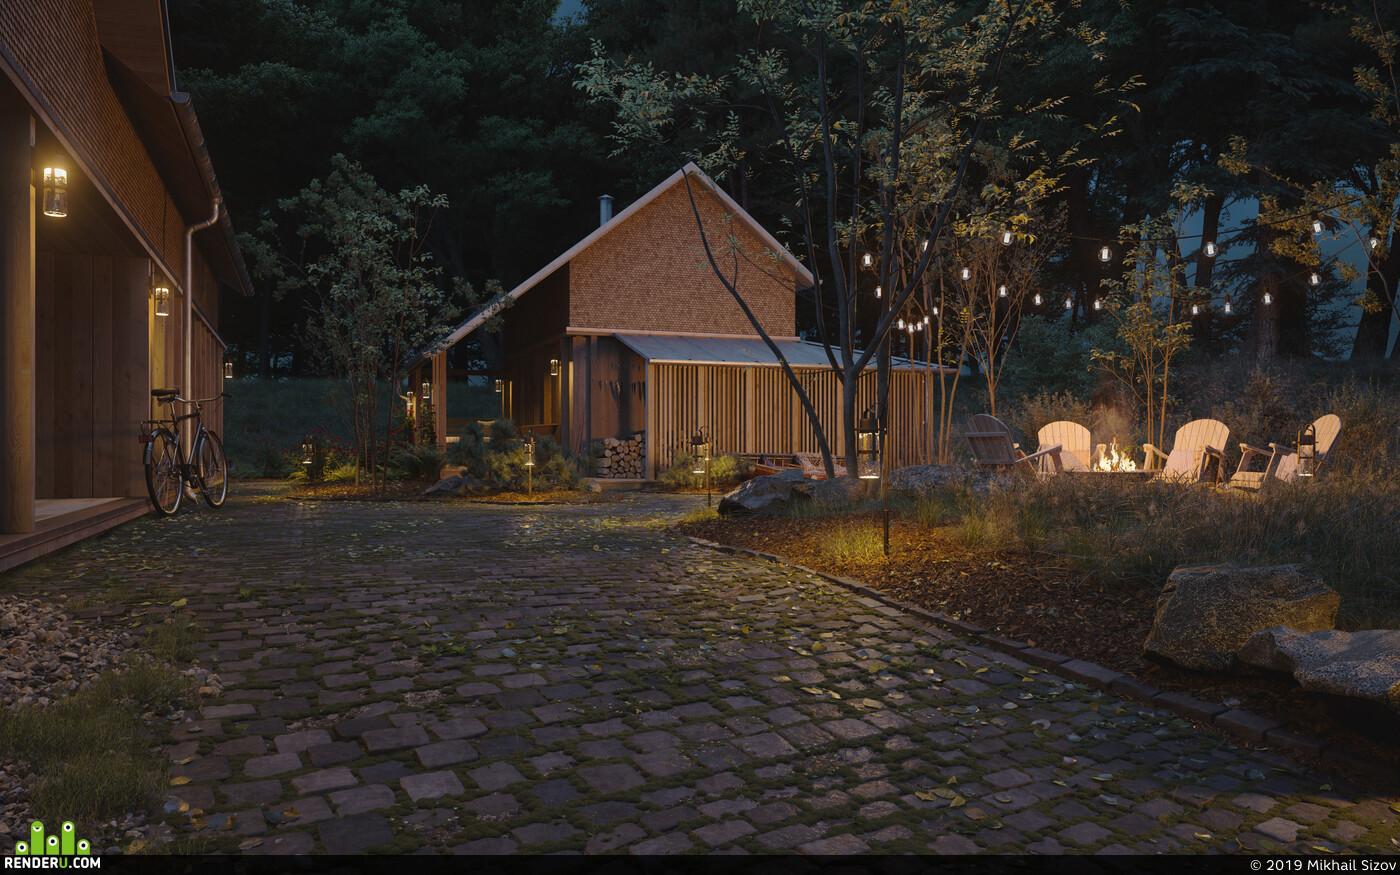 3D архитектура, лось лес болото осень холод заросли ручей река листья дерево лужи грязь, архитектура 3д архитектура визуализация архитектурная визуализация 3ds Max Corona Renderer Экстерьер, Визуализация экстерьеров, экстерьерная визуализация, дизайн экстерьера, Экстерьер, Ландшафтный дизайн, ландшафт, лес